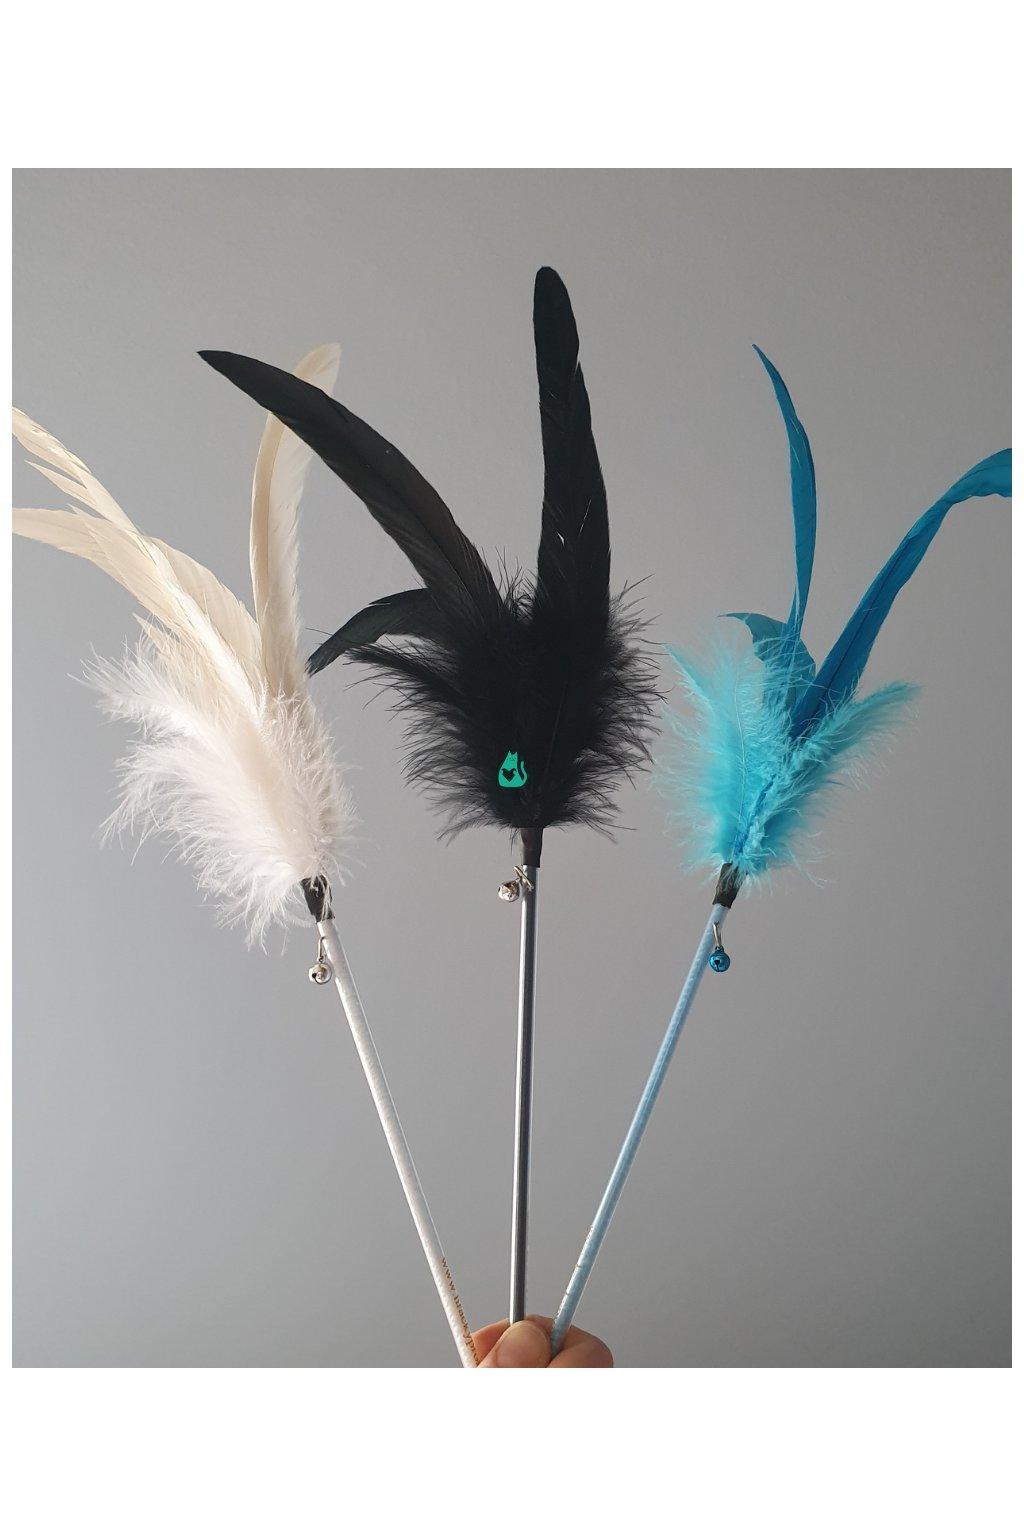 Barevný dlouhý kohoutek, tyč 20 cm + 30cm peří, Hračka pro kočky